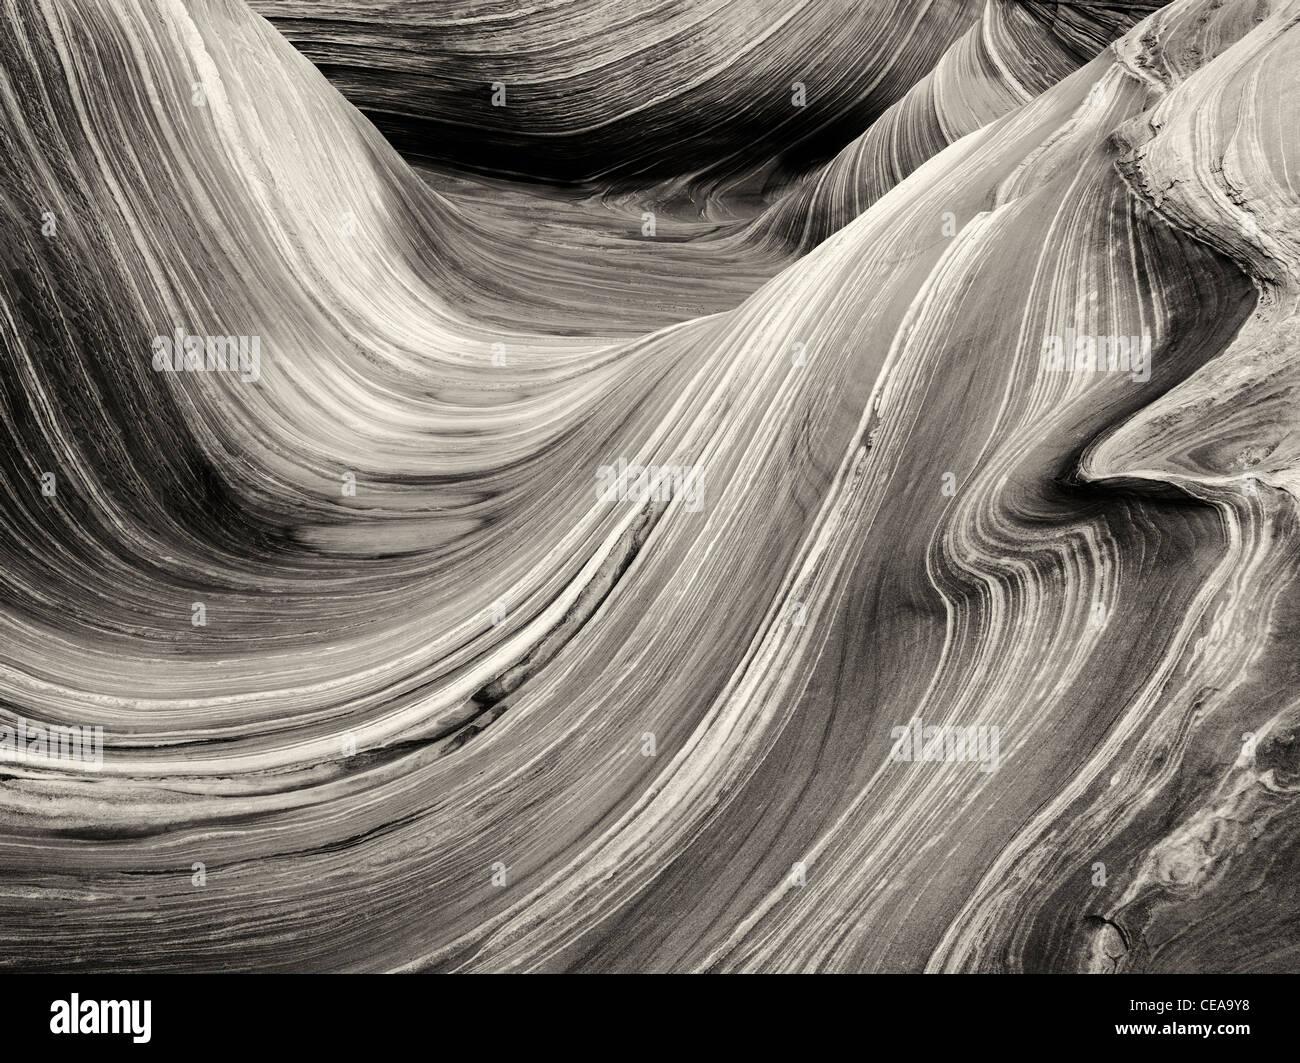 Sandtone Bildung in North Coyote Buttes, The Wave. Paria Canyon-Vermillion Cliffs Wilderness. Utah und Arizona Stockbild